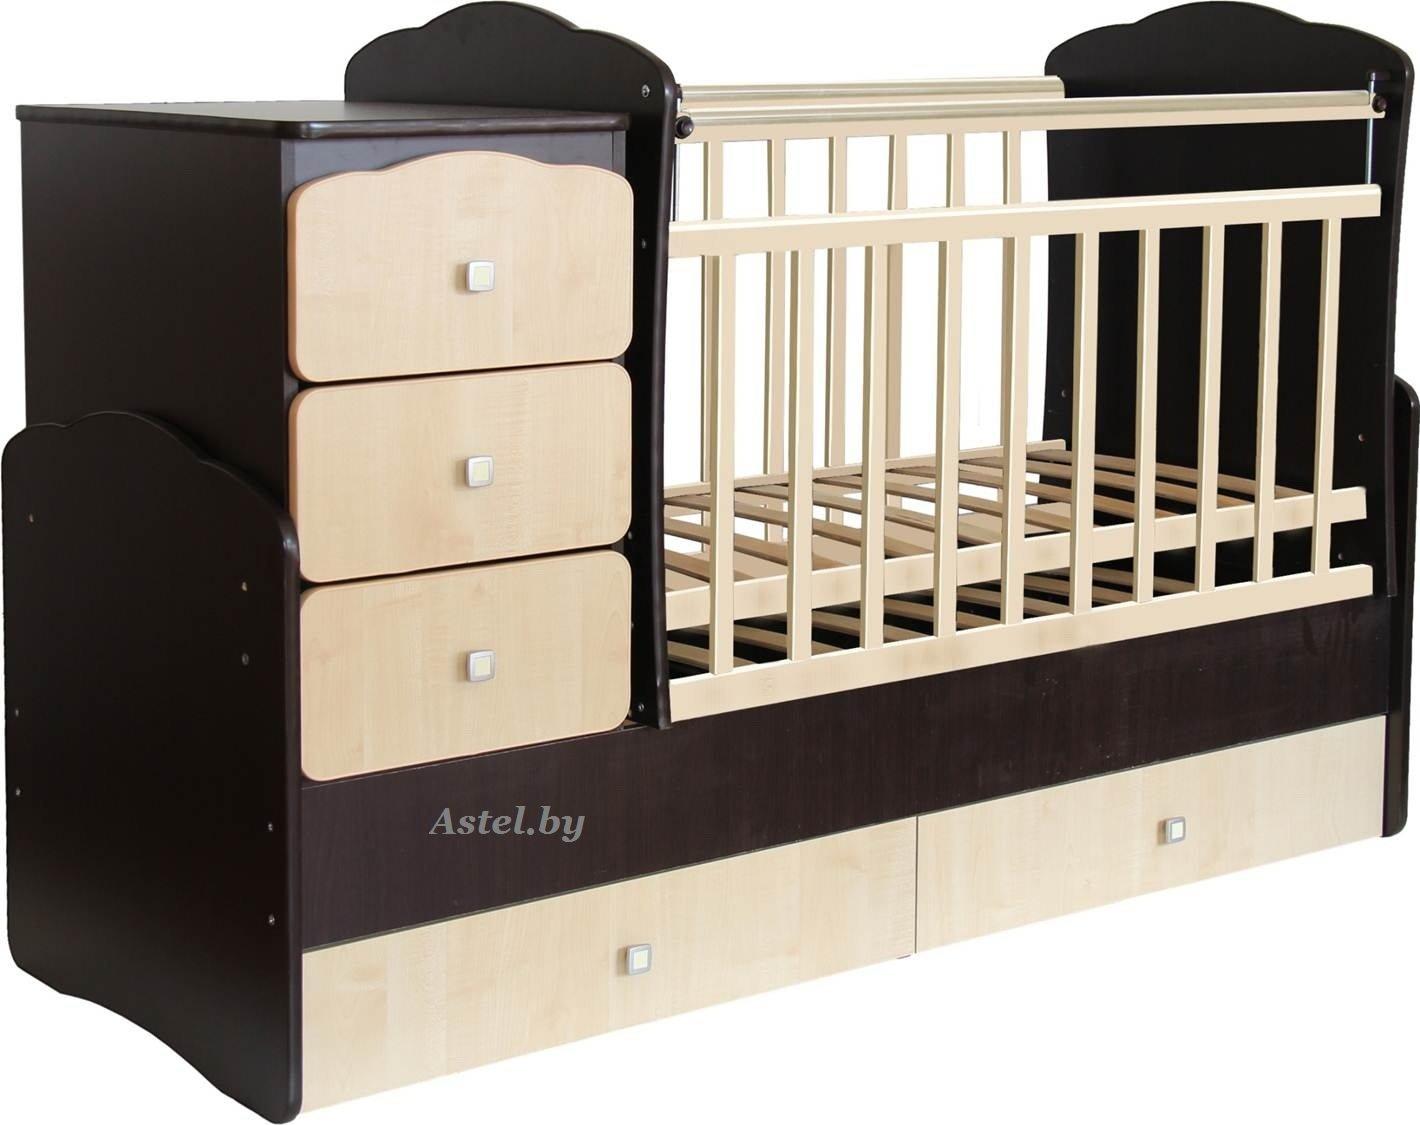 инструкция по сбору кроватки с-625